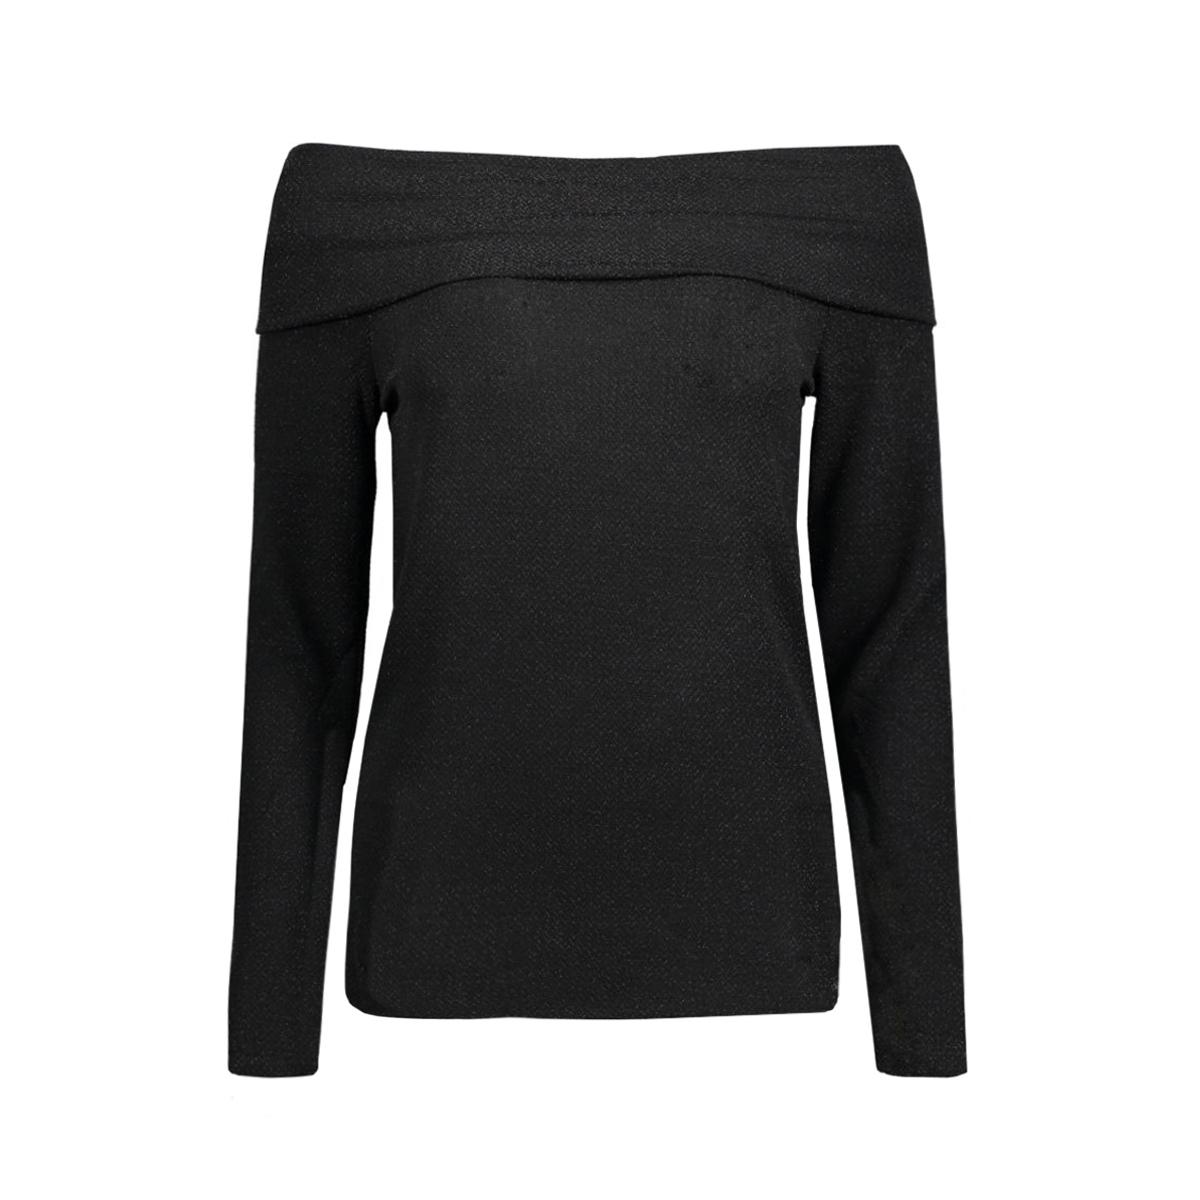 p1616 saint tropez t-shirt 0001